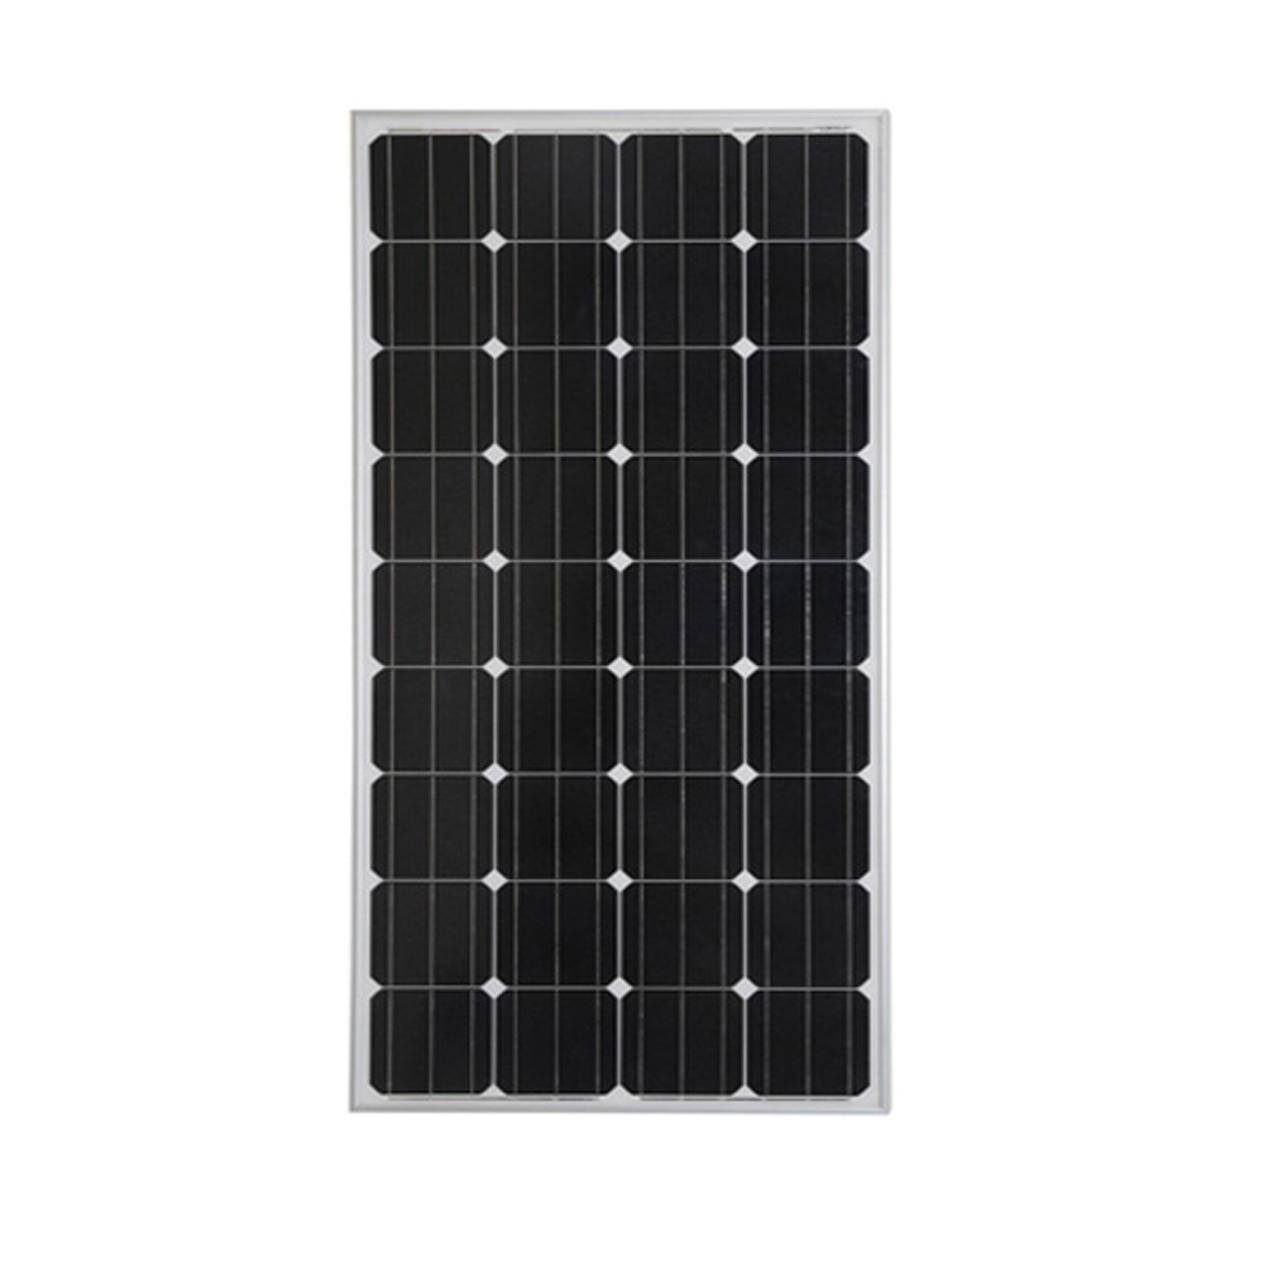 پنل خورشیدی مدل RT100M ظرفیت 100 وات